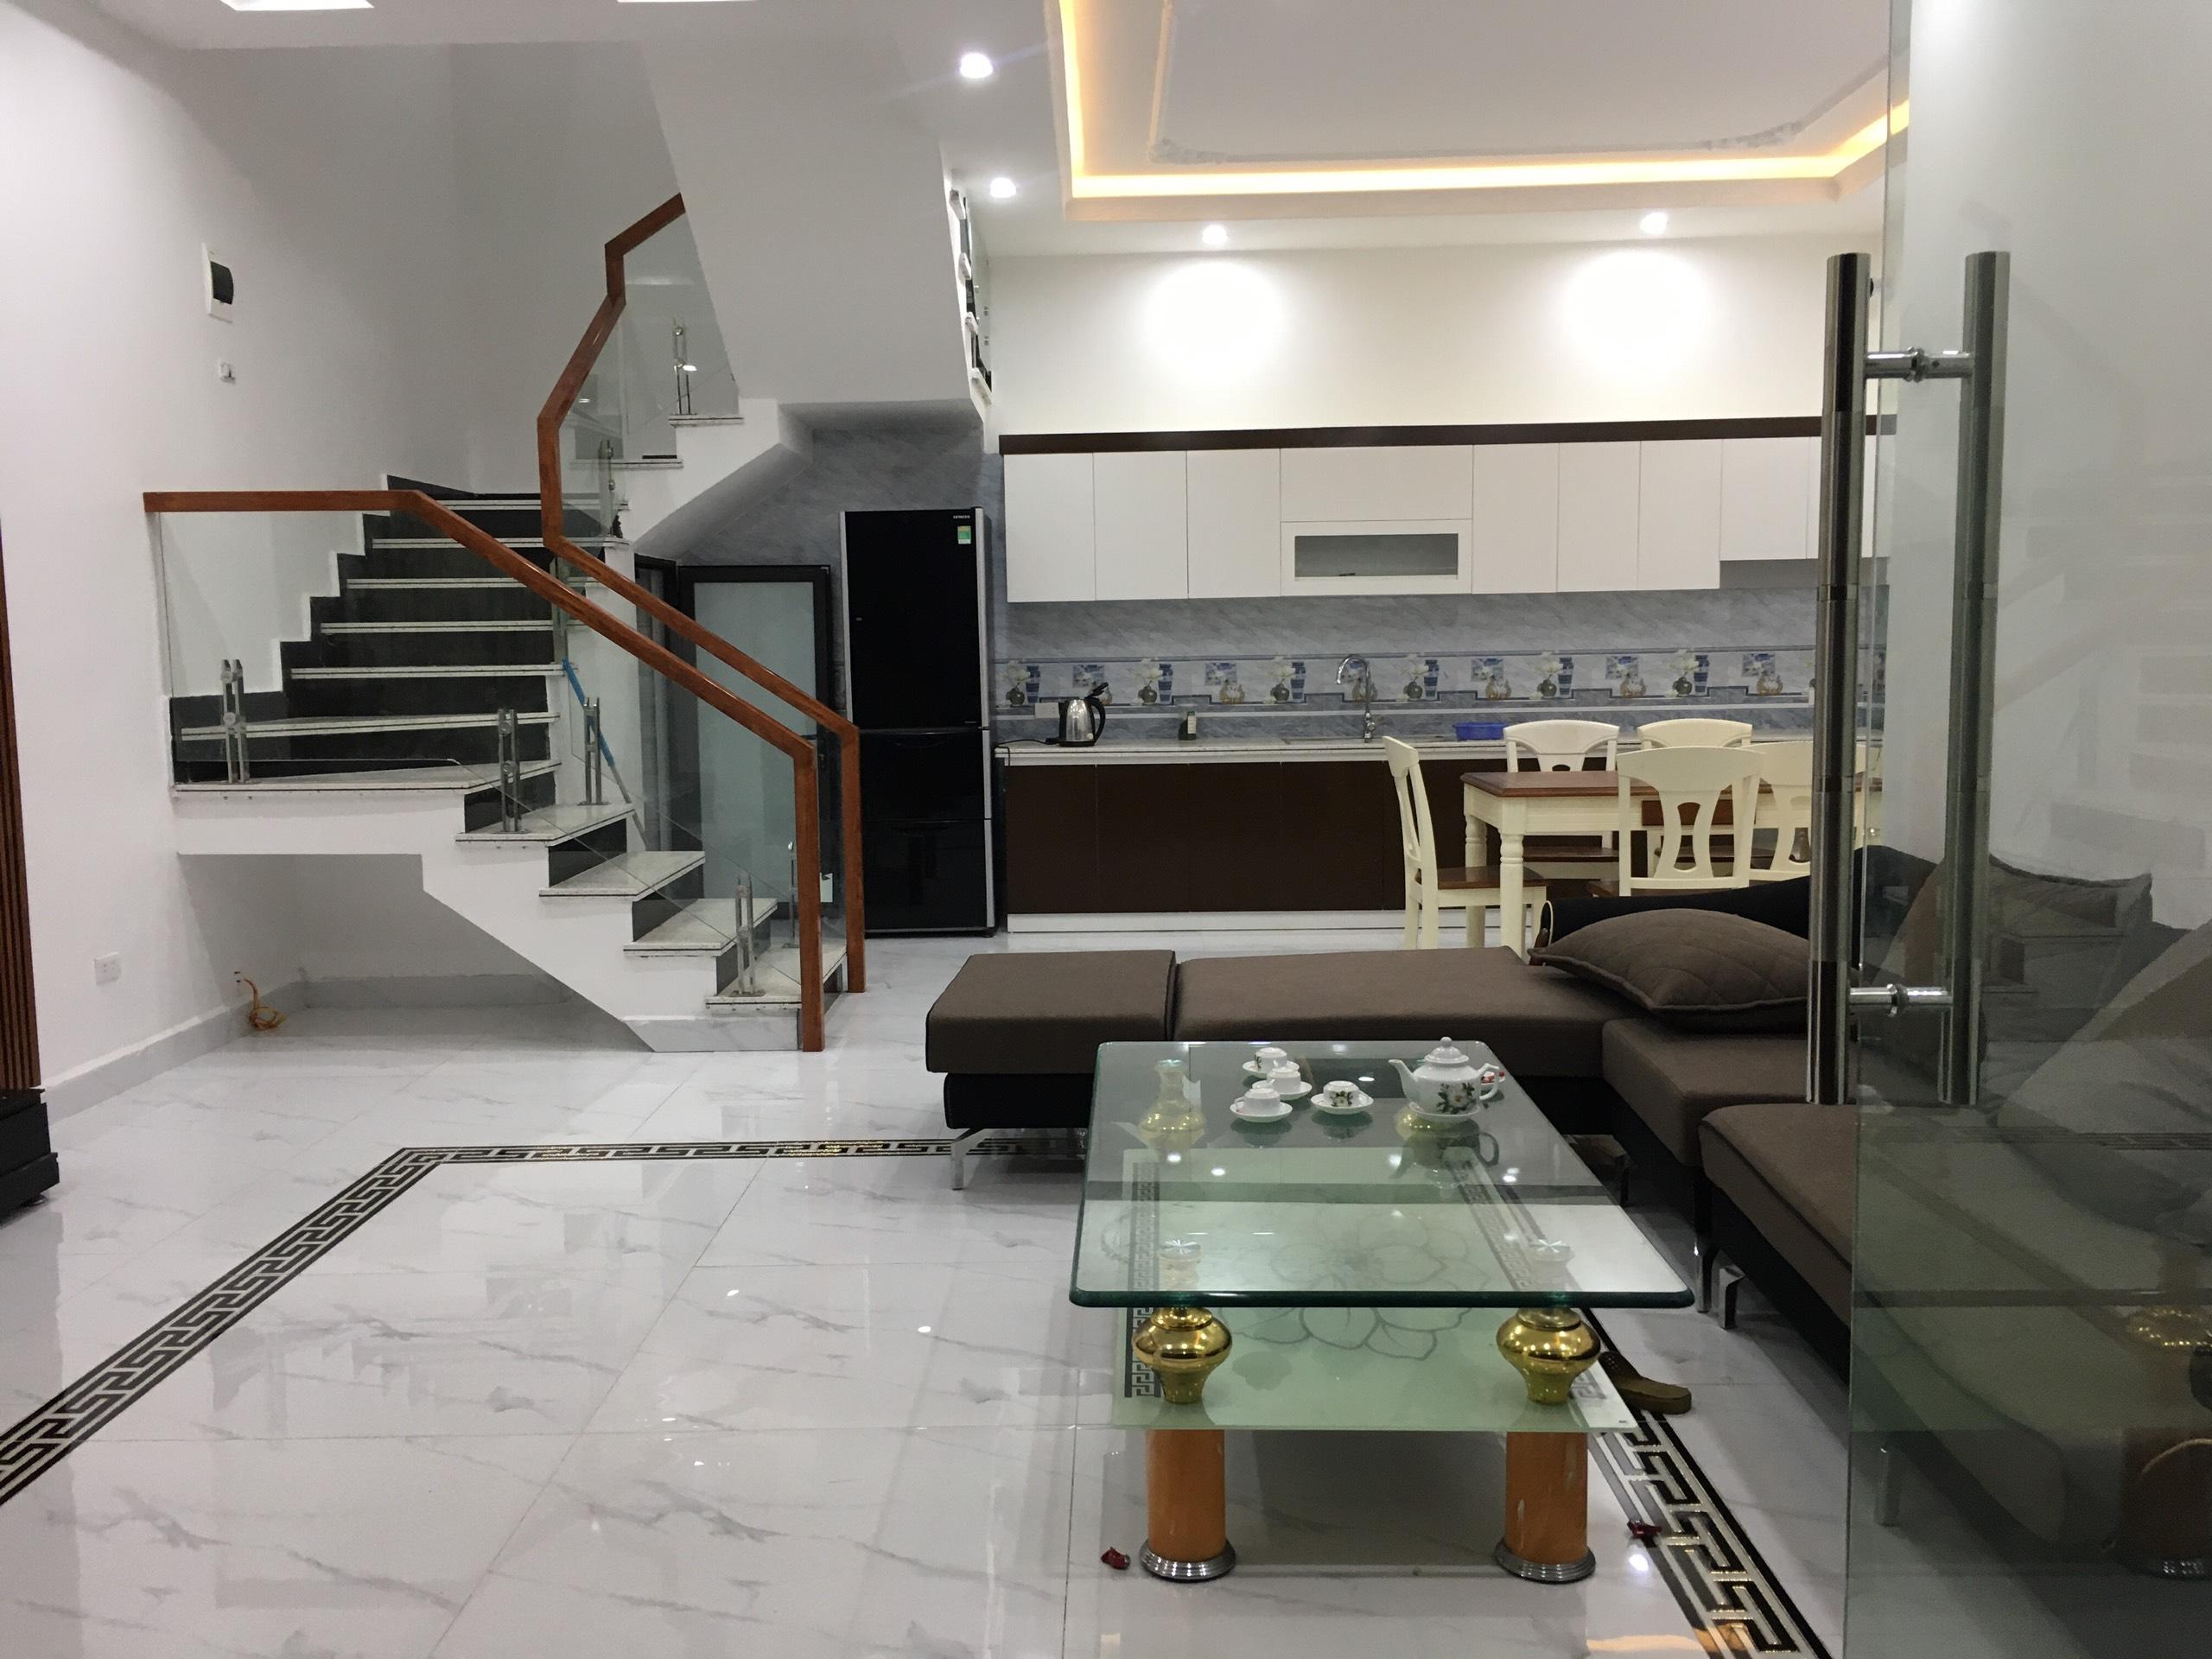 Bán GẤP nhà 4 tầng mặt đường phố Chợ Lũng, Đằng Hải, Hải An, Hải Phòng